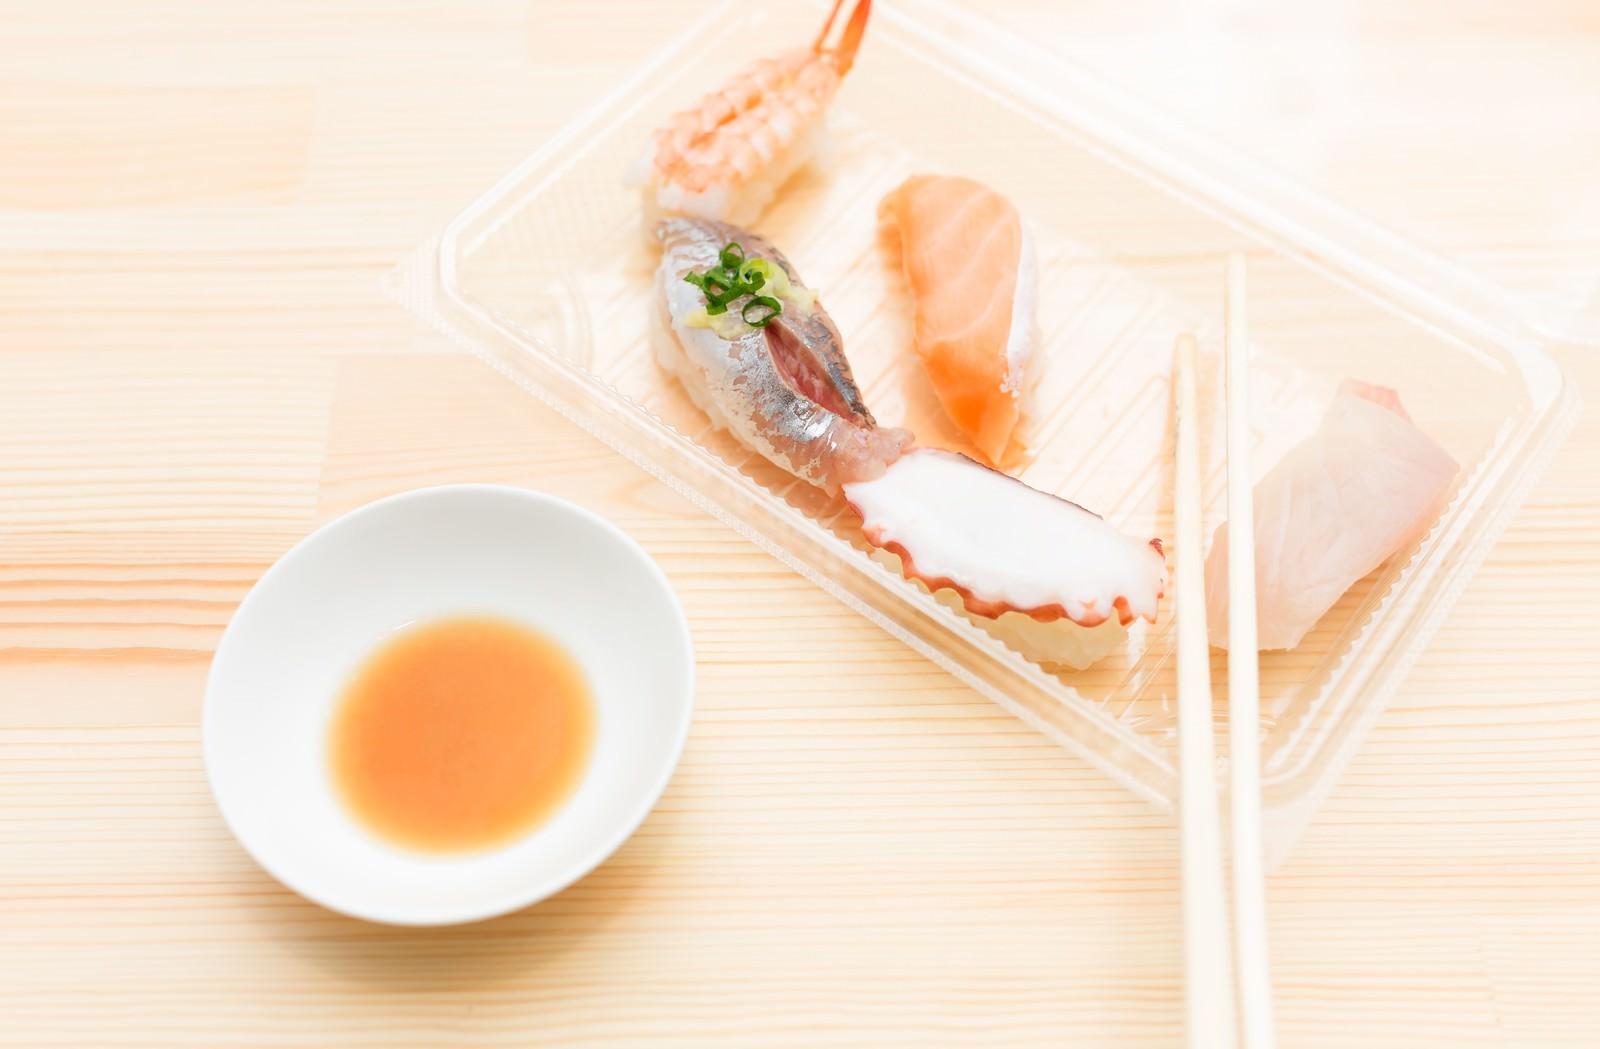 「お持ち帰りしたお寿司を食べる」の写真